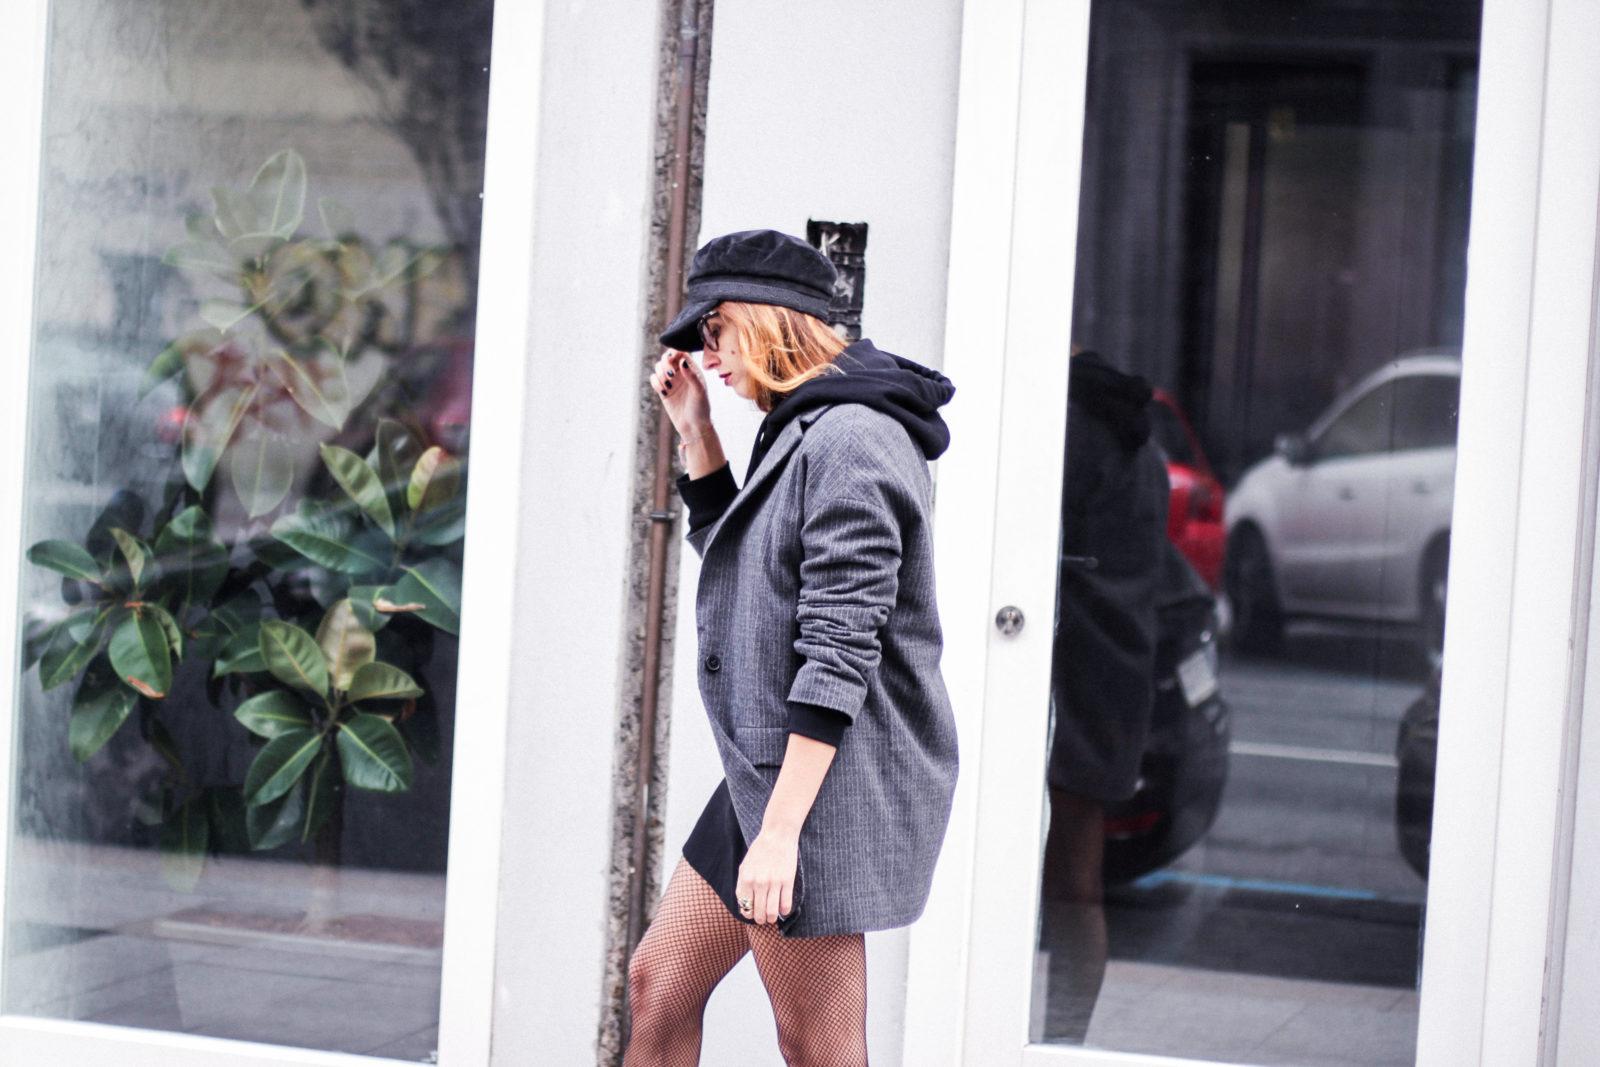 sudadera_wonder_woman_medias_de_rejilla_baker_boy_hat_gorra_marinera-26